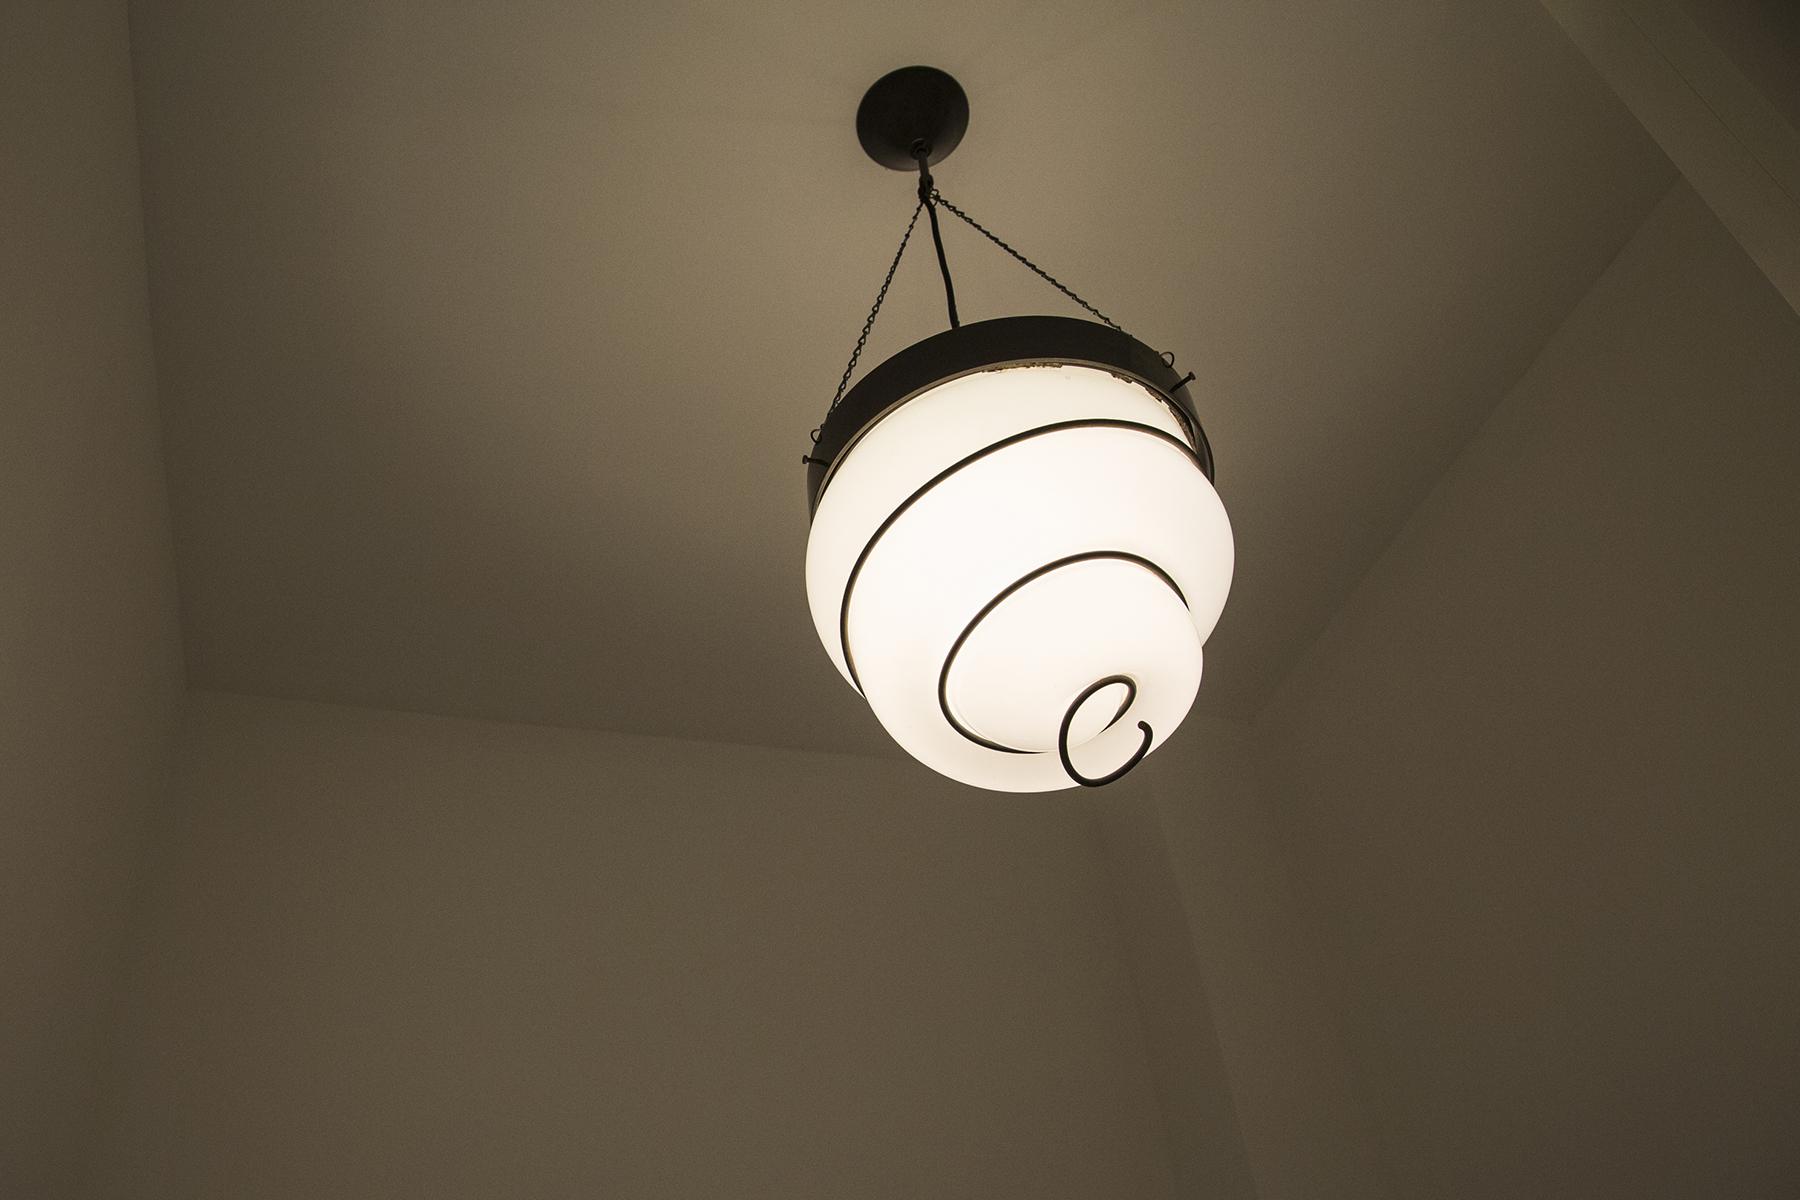 Hanglamp draadglas